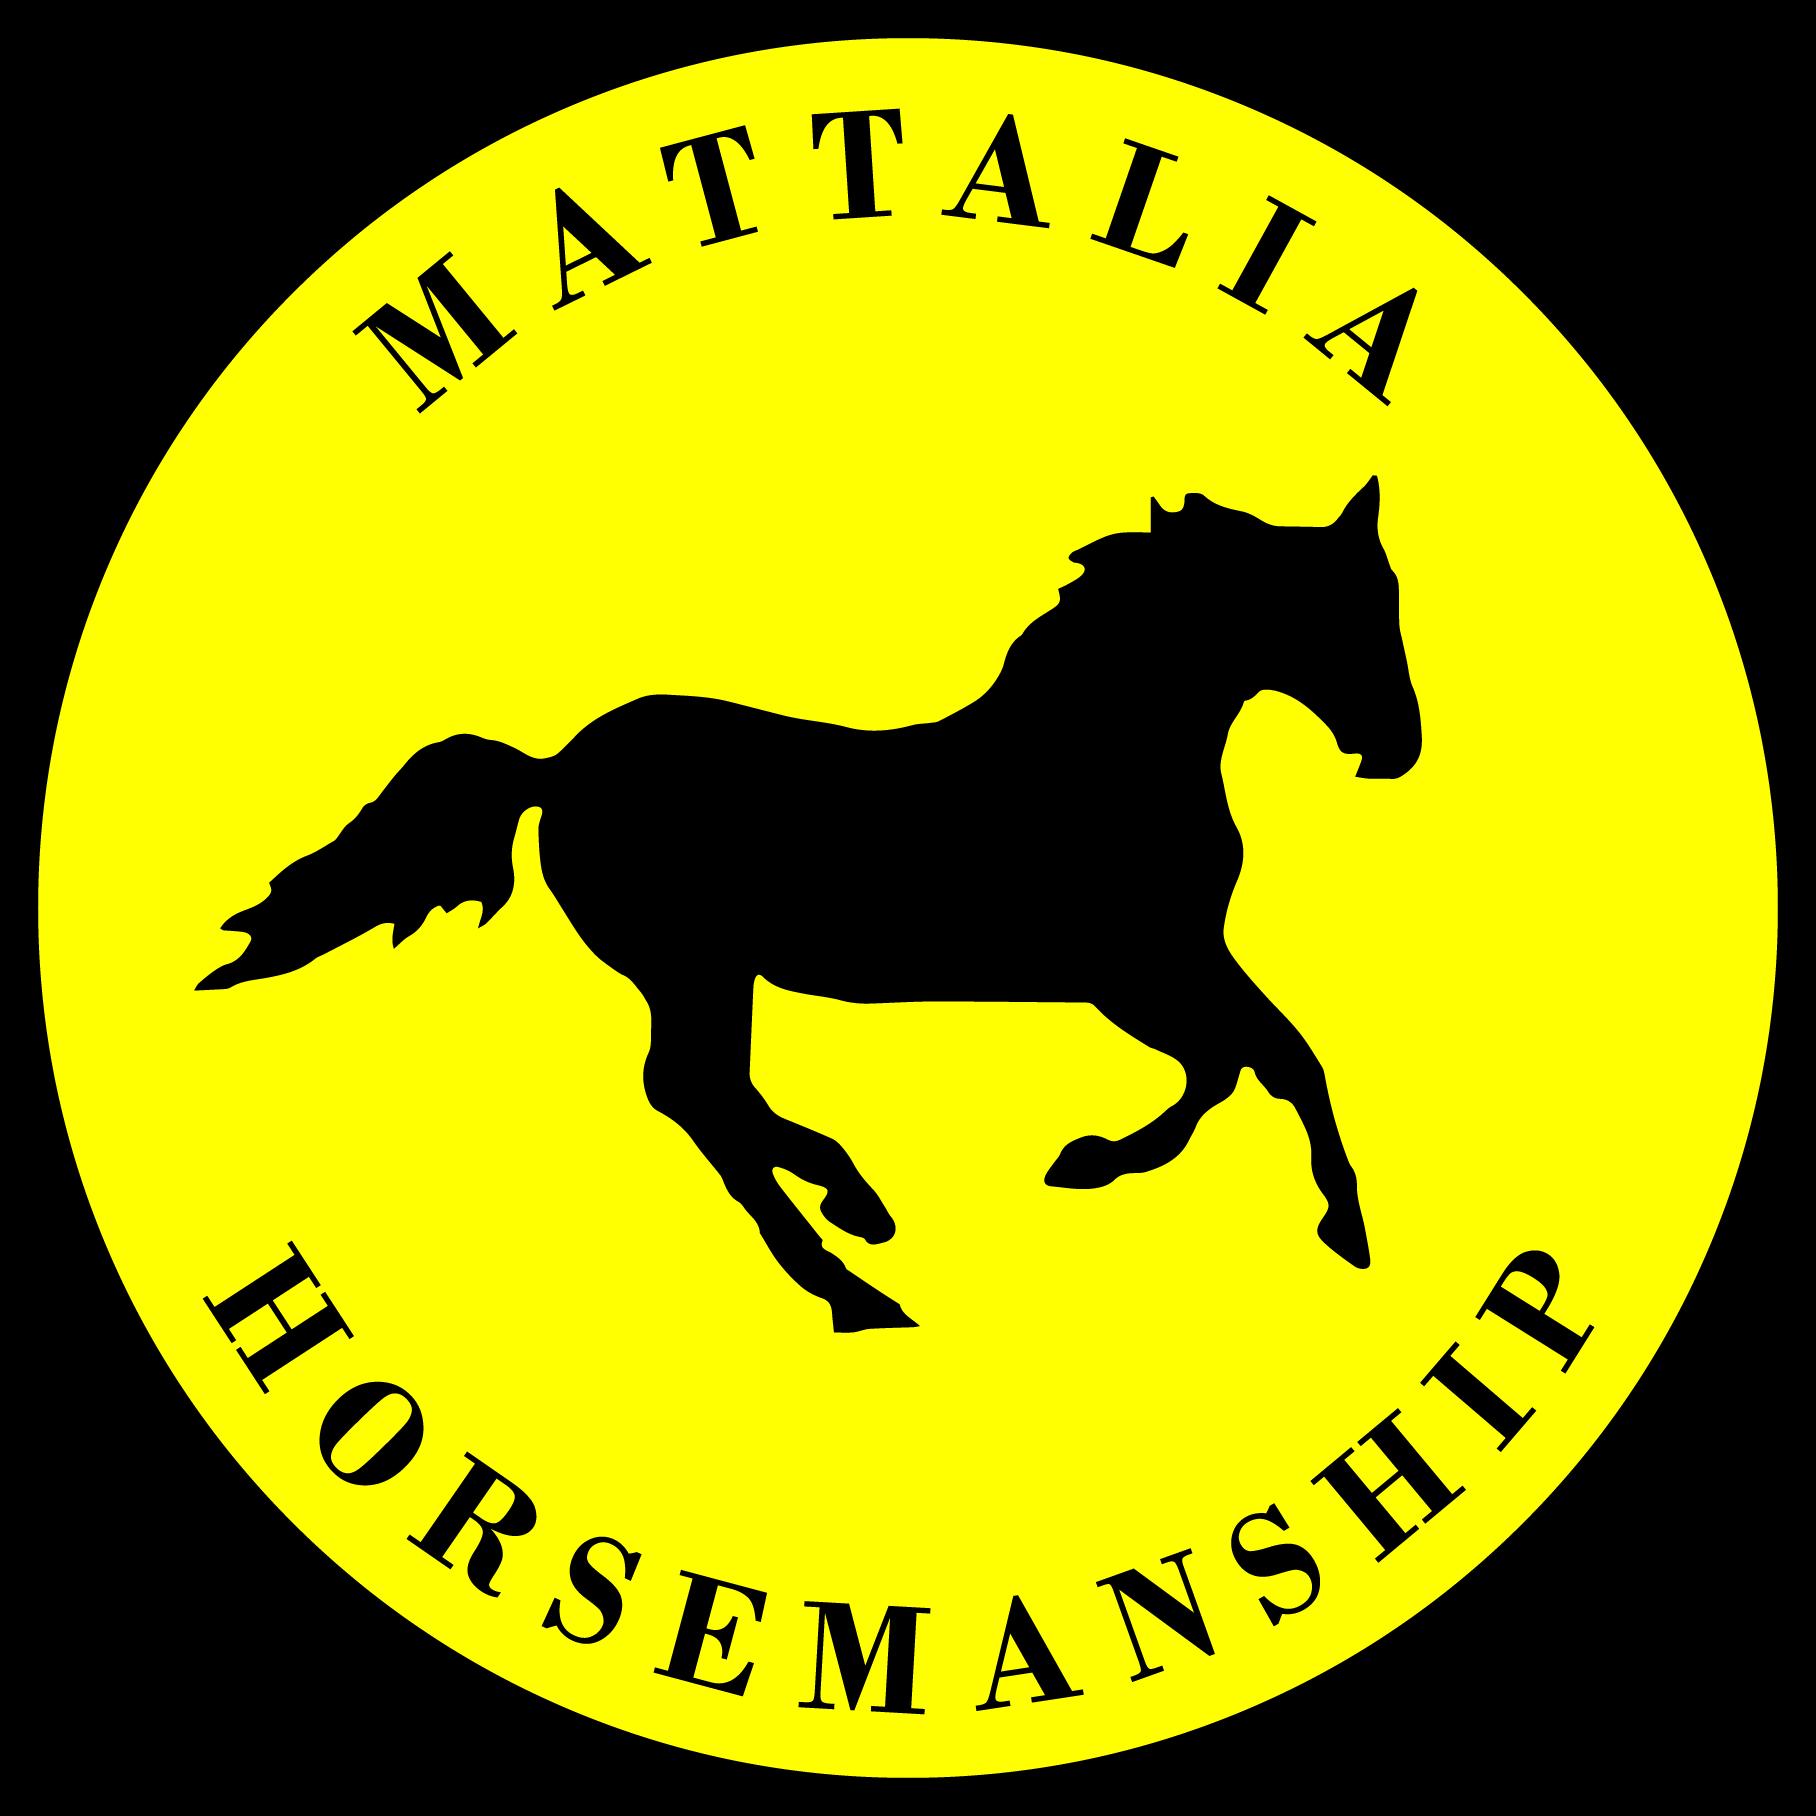 MATTALIA HORSEMANSHIP